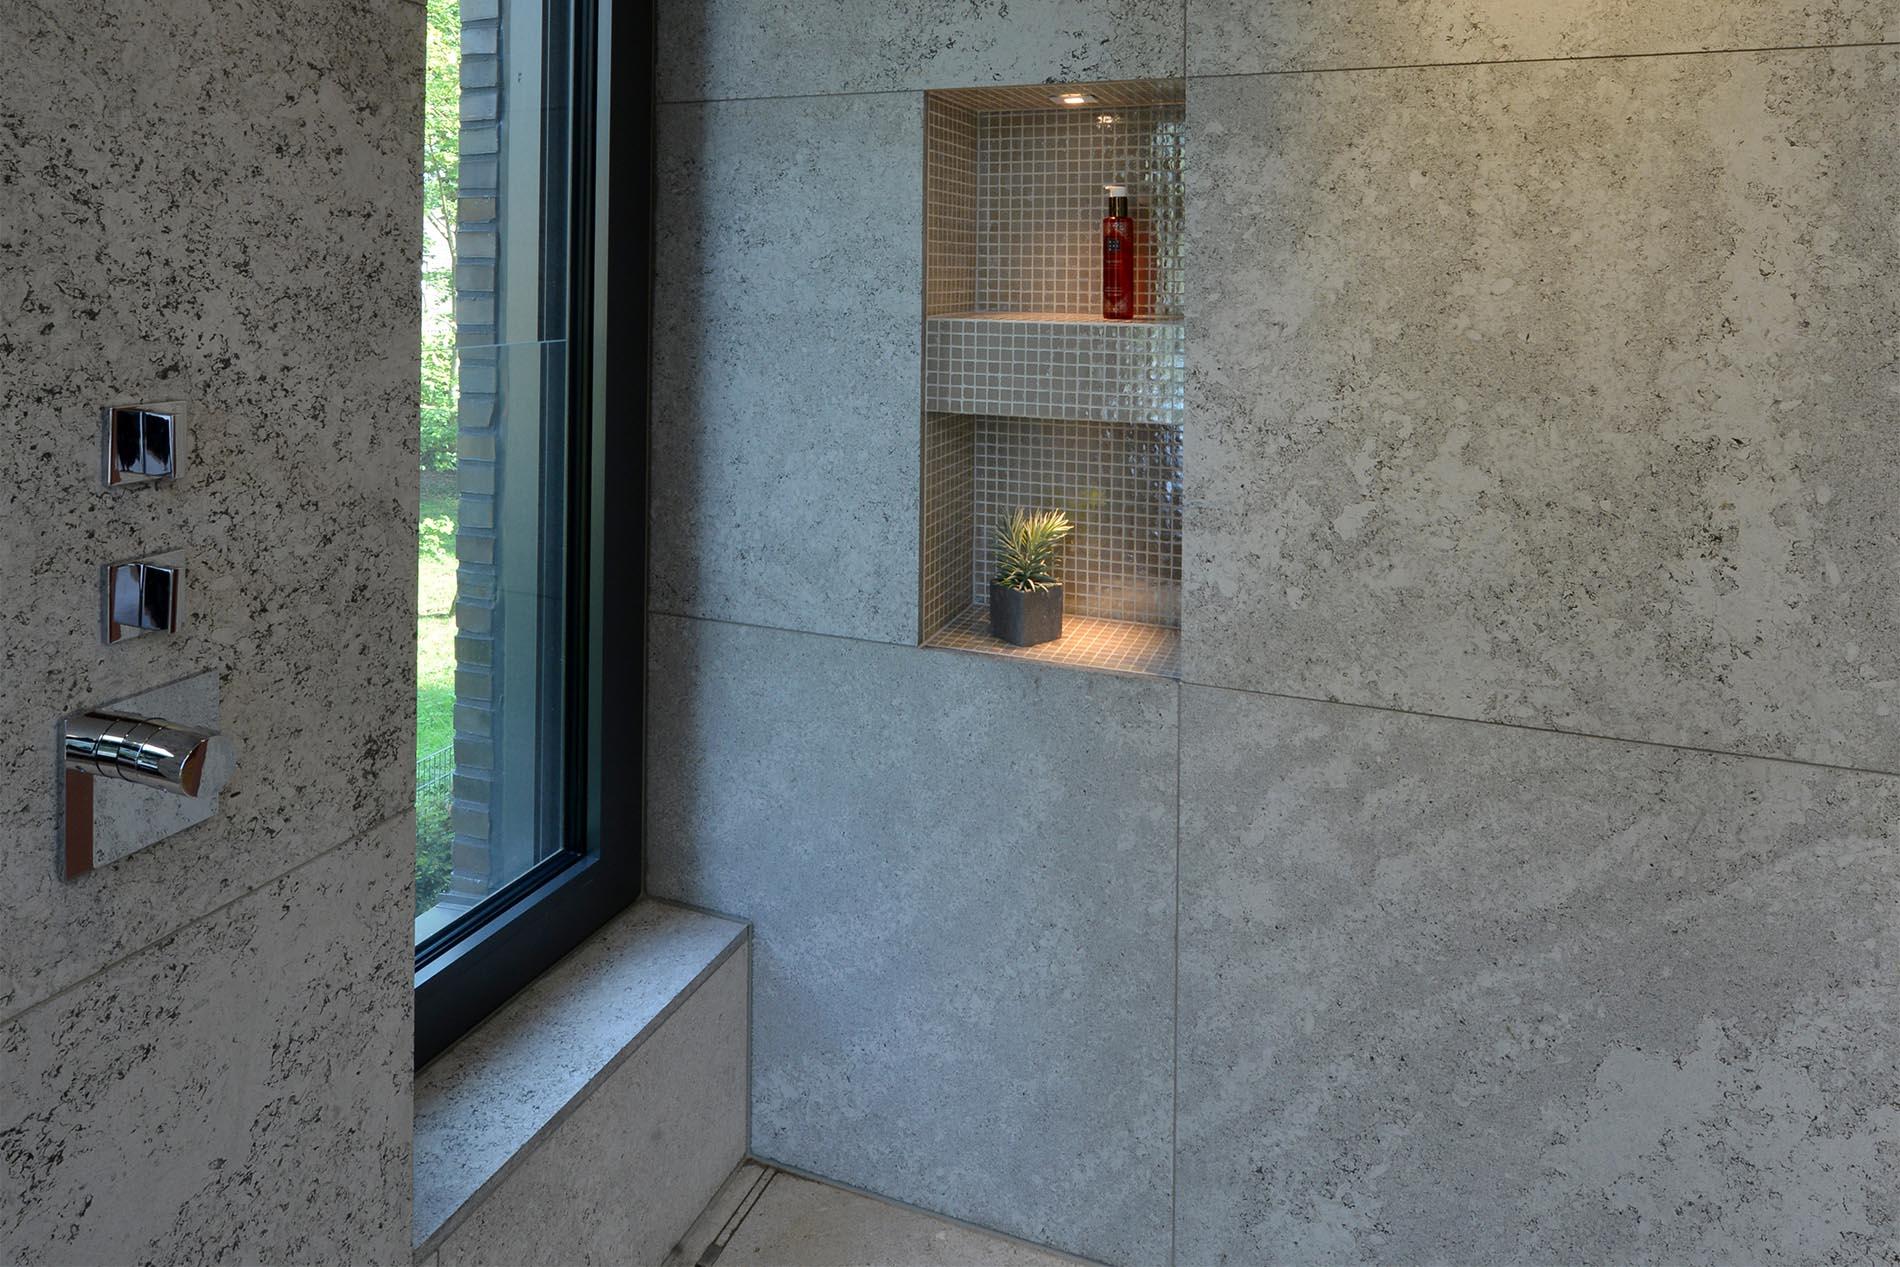 Wand- und Duschverkleidung aus Muschelkalk von TRACO